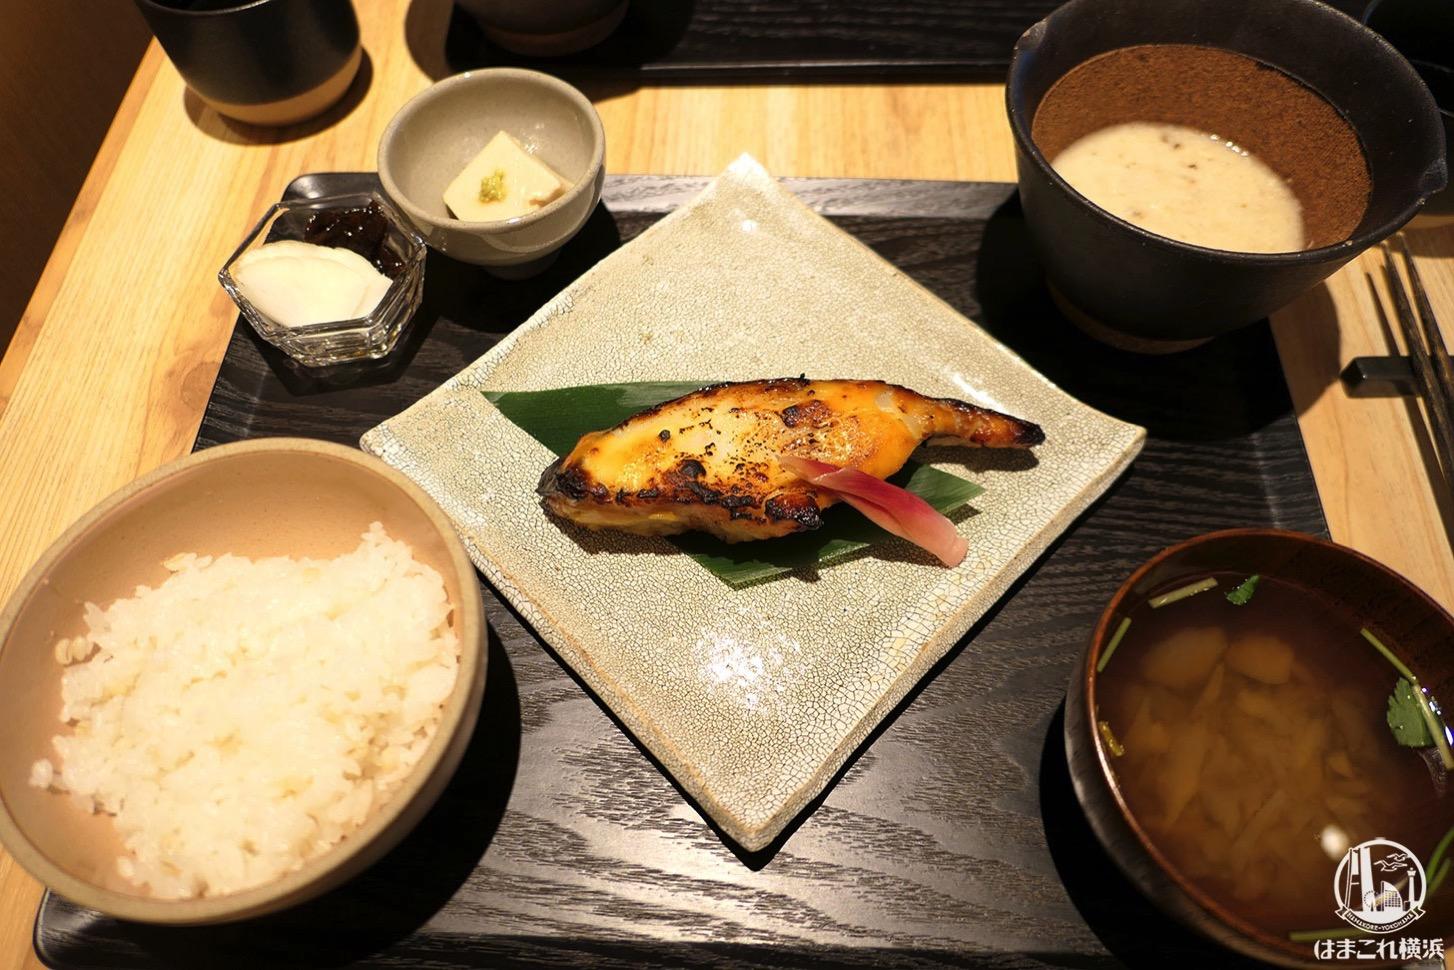 黒十 横浜のランチは自然薯とろろ食べ放題でめちゃ旨!めすすめの駅近・和食店